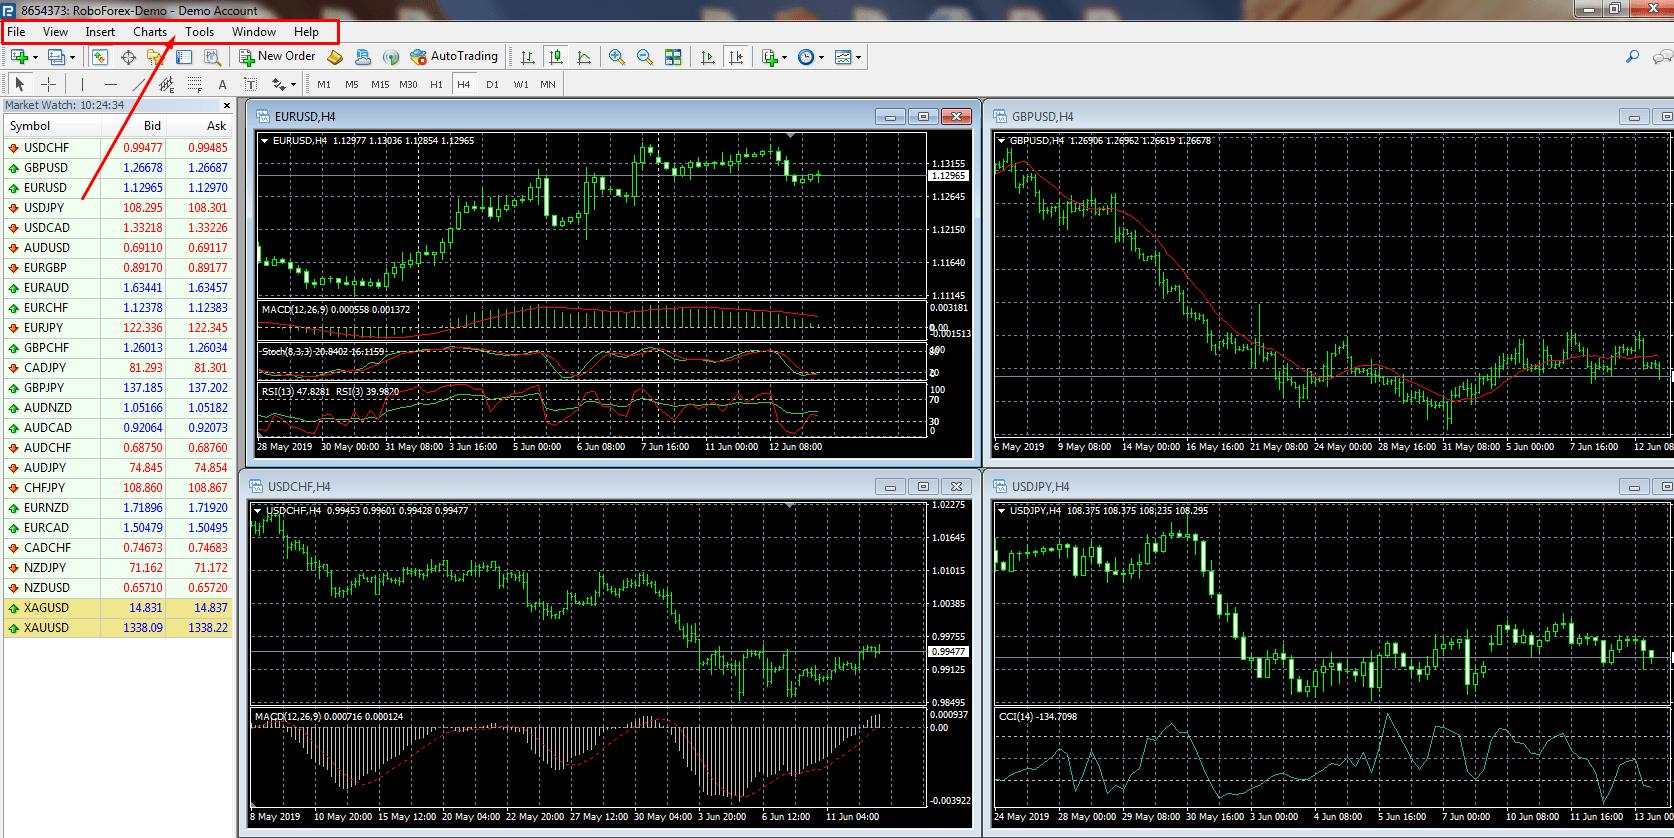 tirdzniecība ar meta trader 4 platformas aprakstu